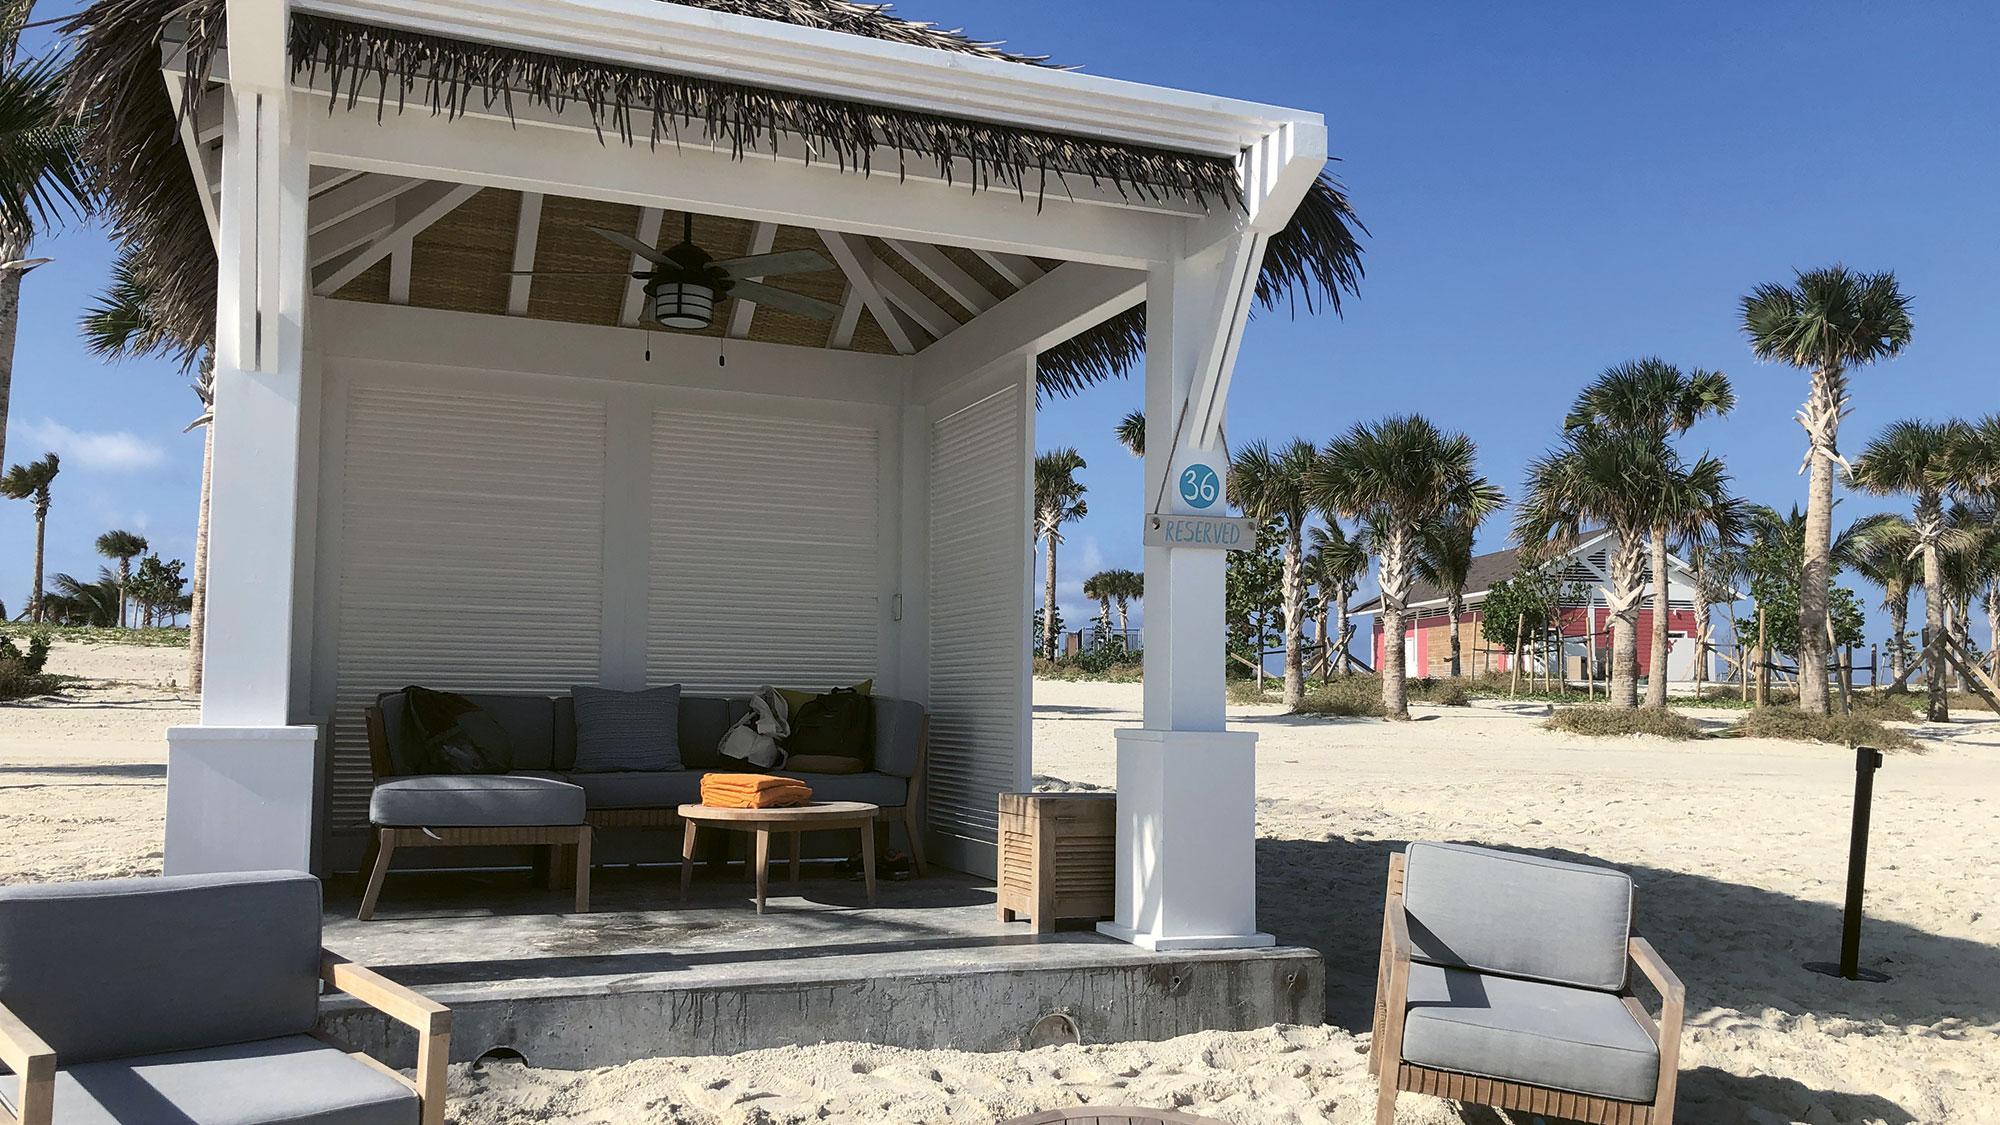 A beach cabana on Ocean Cay.